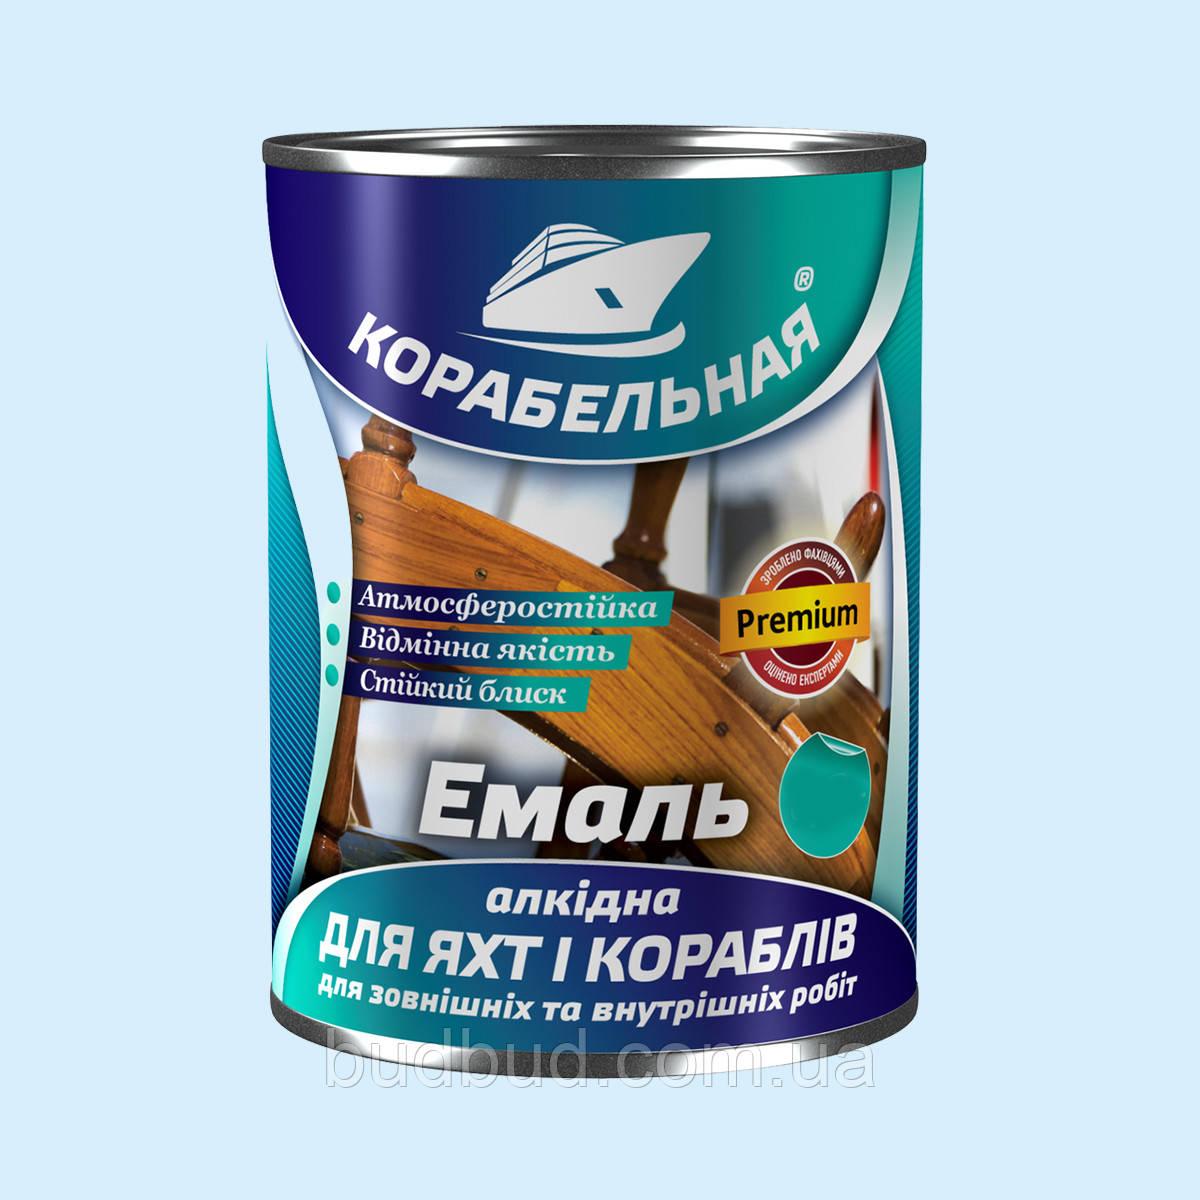 Эмаль алкидная темно-серая Polycolor (Поликолор) Корабельная 0.9 кг